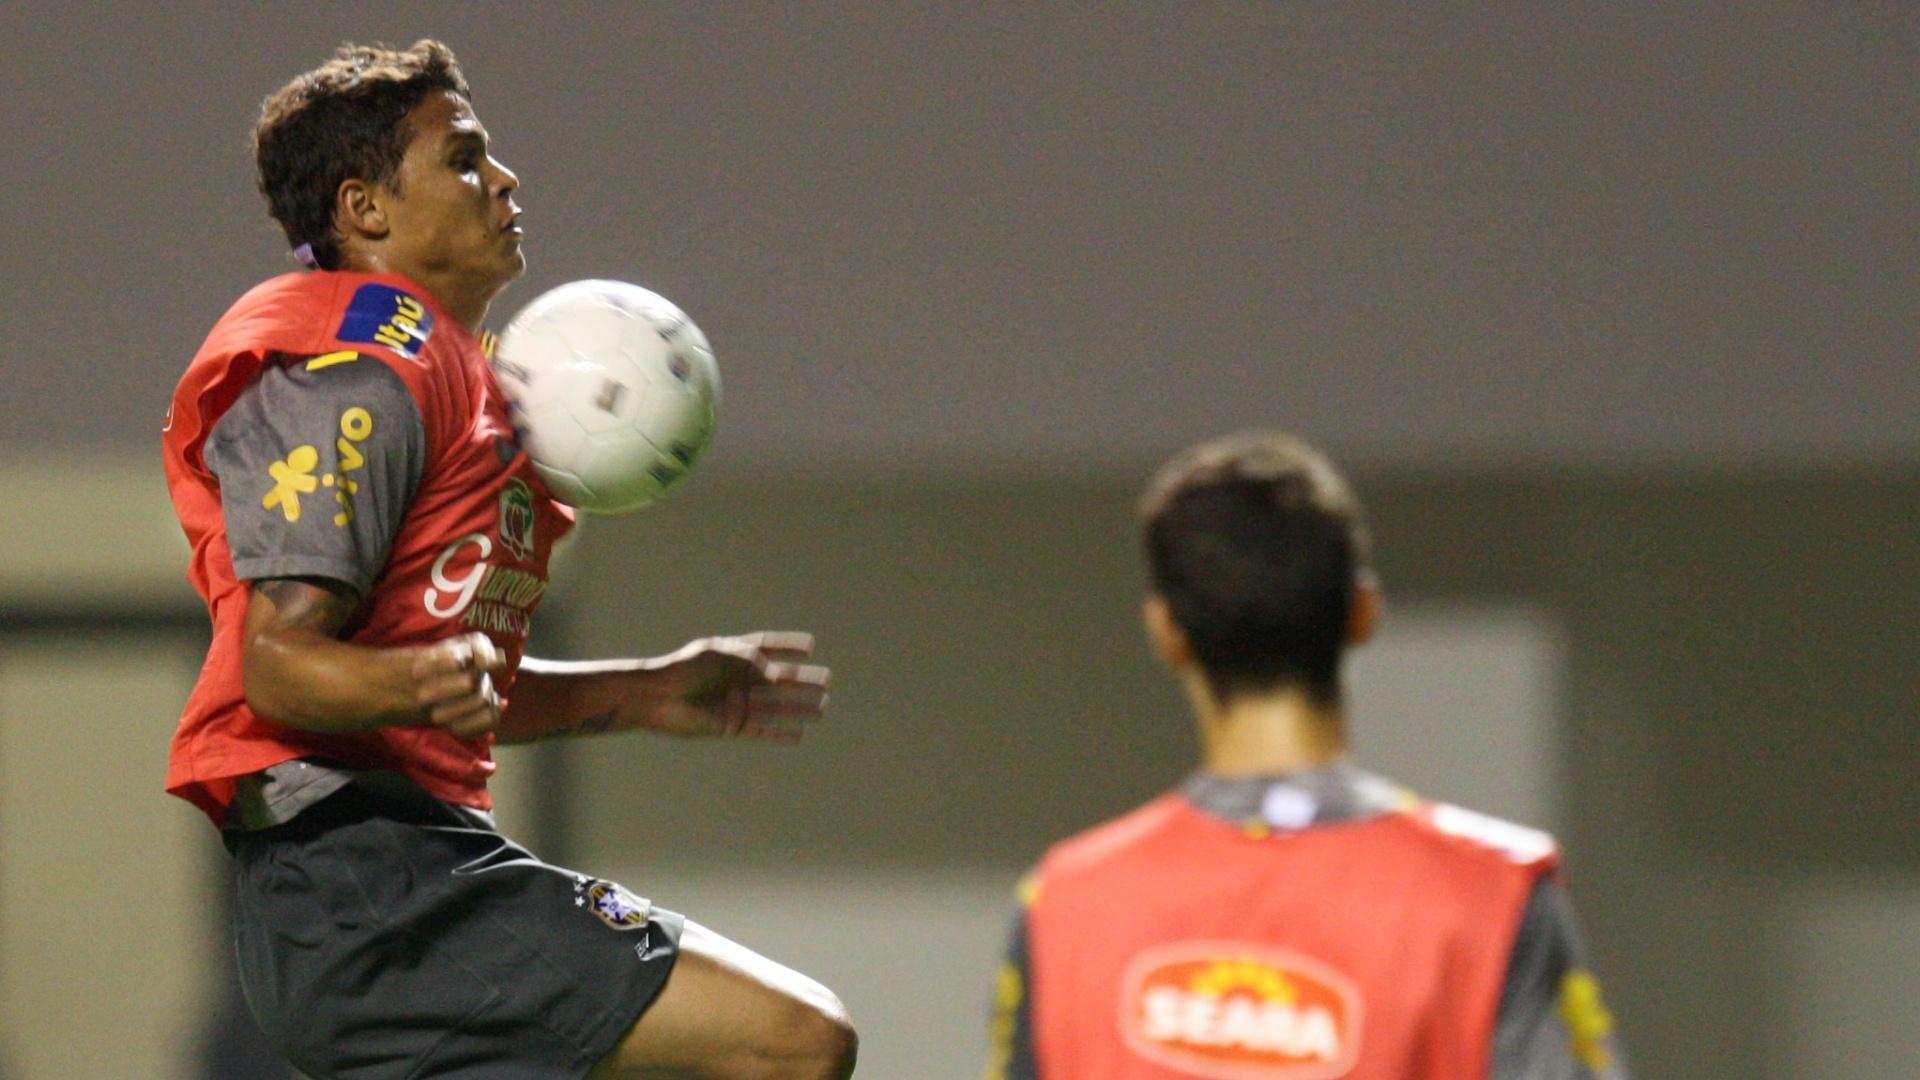 Zagueiro Thiago Silva domina a bola em treino da seleção brasileira, que se prepara para jogar contra a Costa Rica